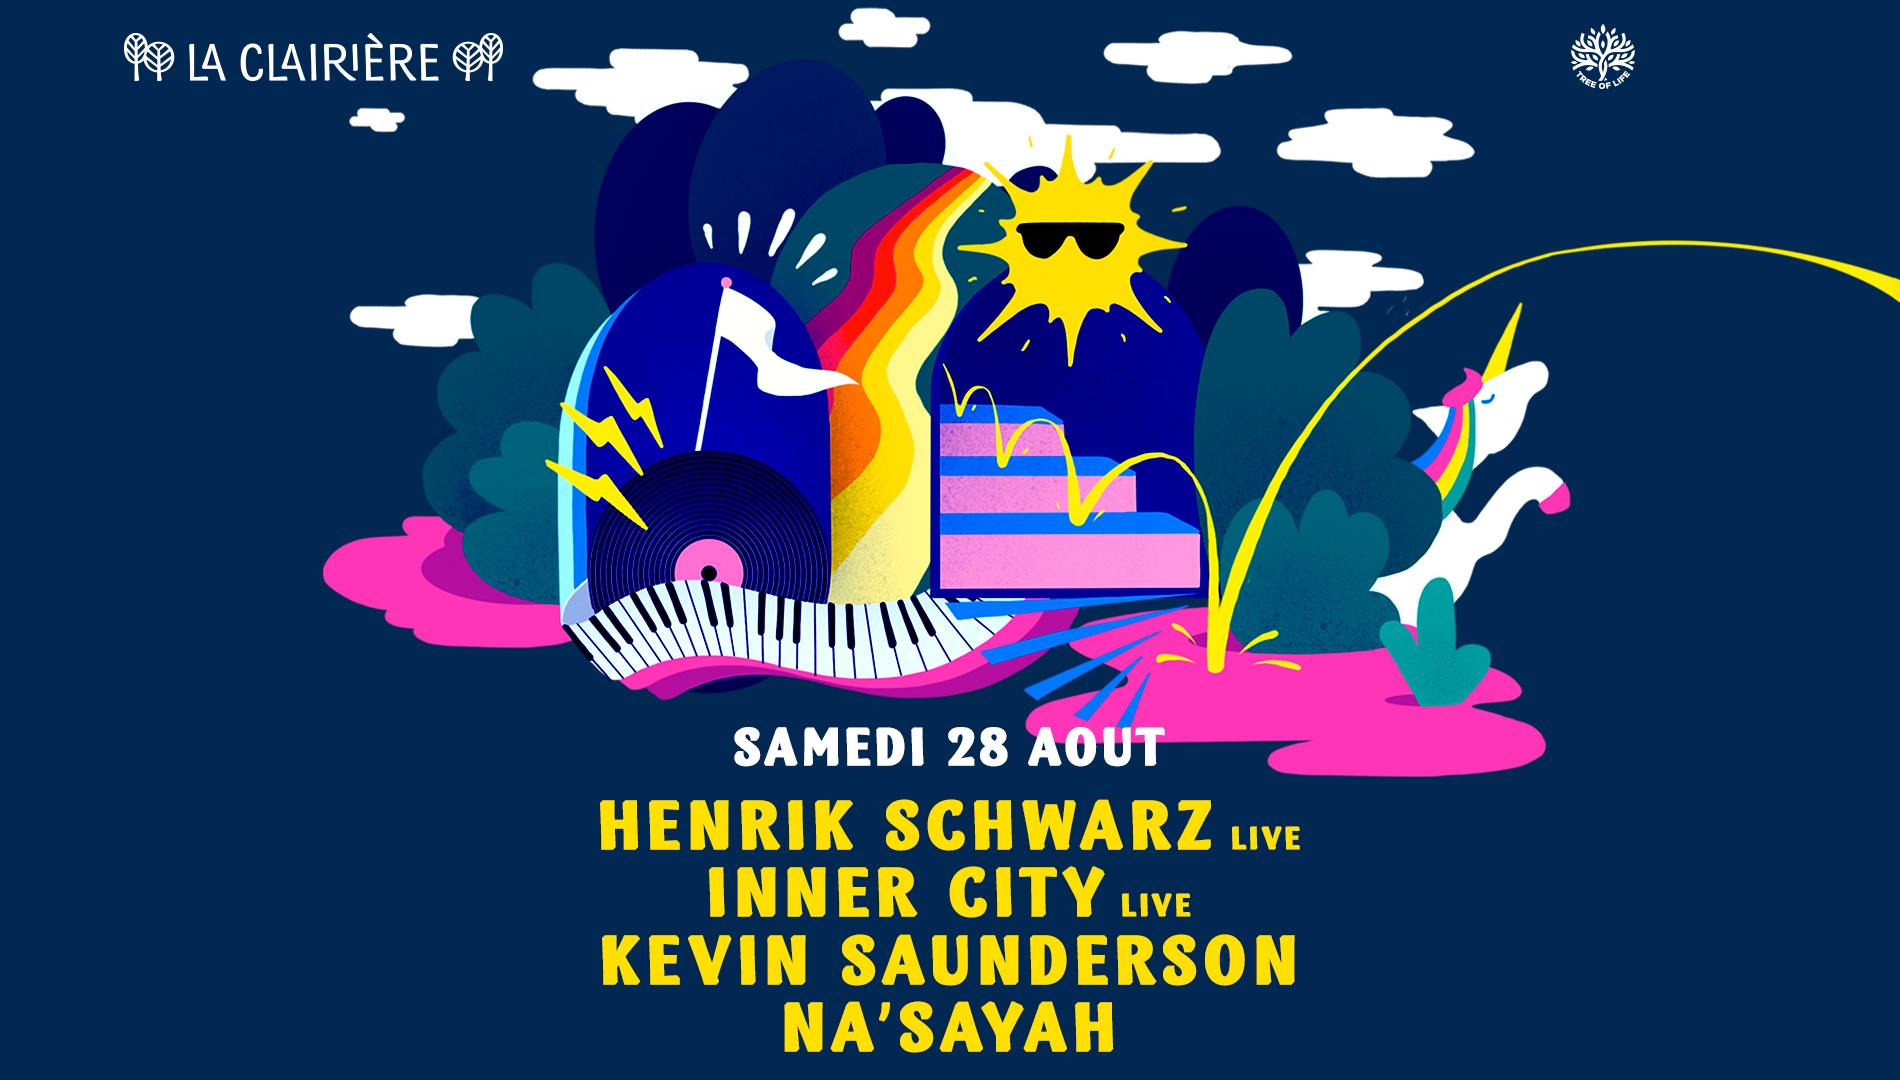 La Clairière : HENRIK SCHWARZ LIVE, INNER CITY LIVE, KEVIN SAUNDERSON